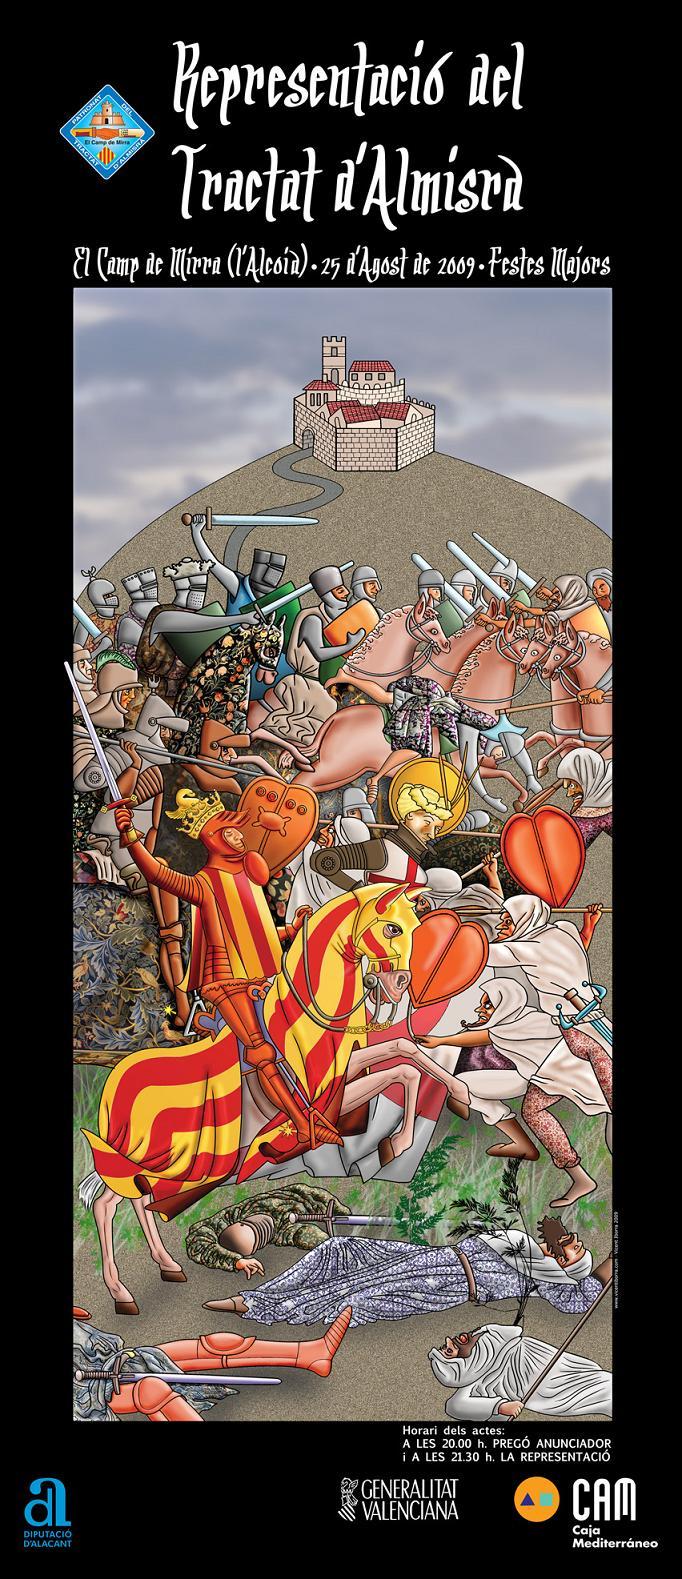 Cartell de Vicent Iborra per a la conmemoració del Tractat d'Almisrà.